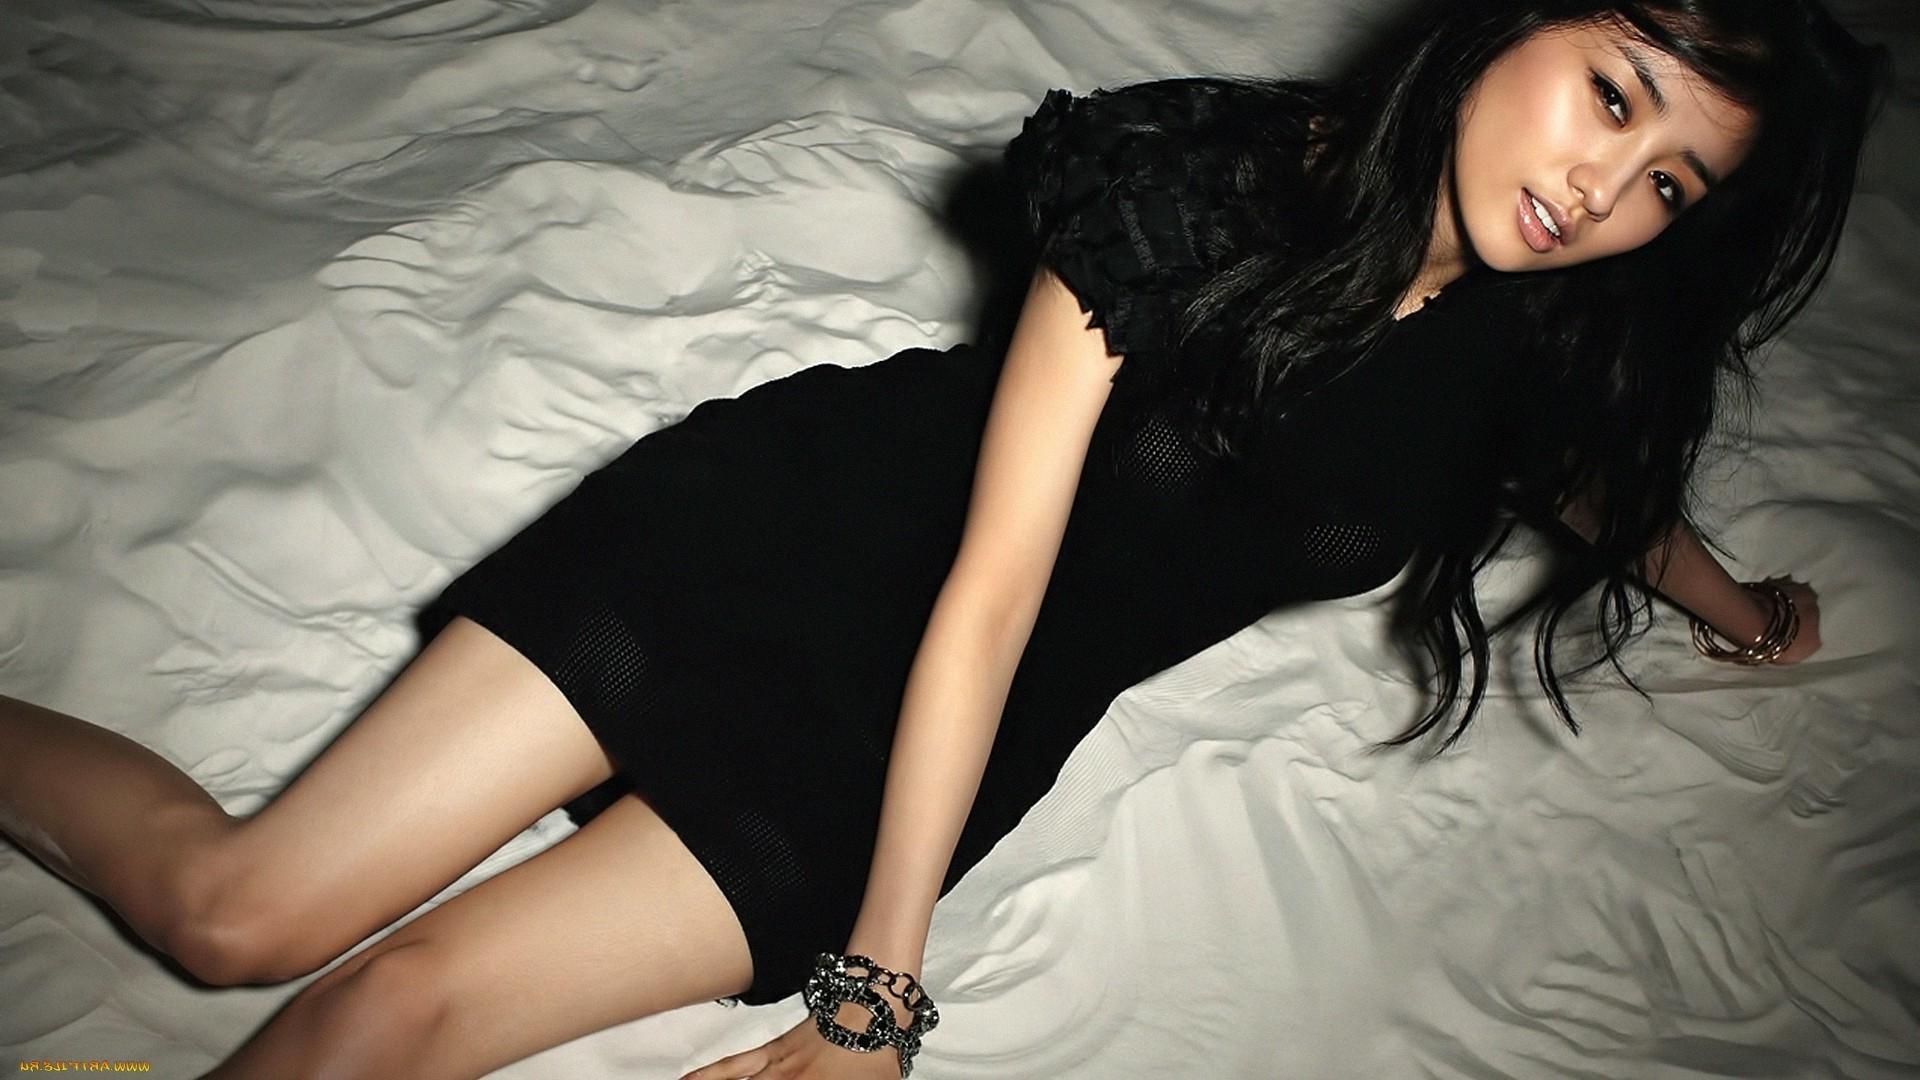 Wallpaper Women Model Long Hair Asian Singer Blue: Wallpaper : Women, Long Hair, Asian, Dress, Black Hair